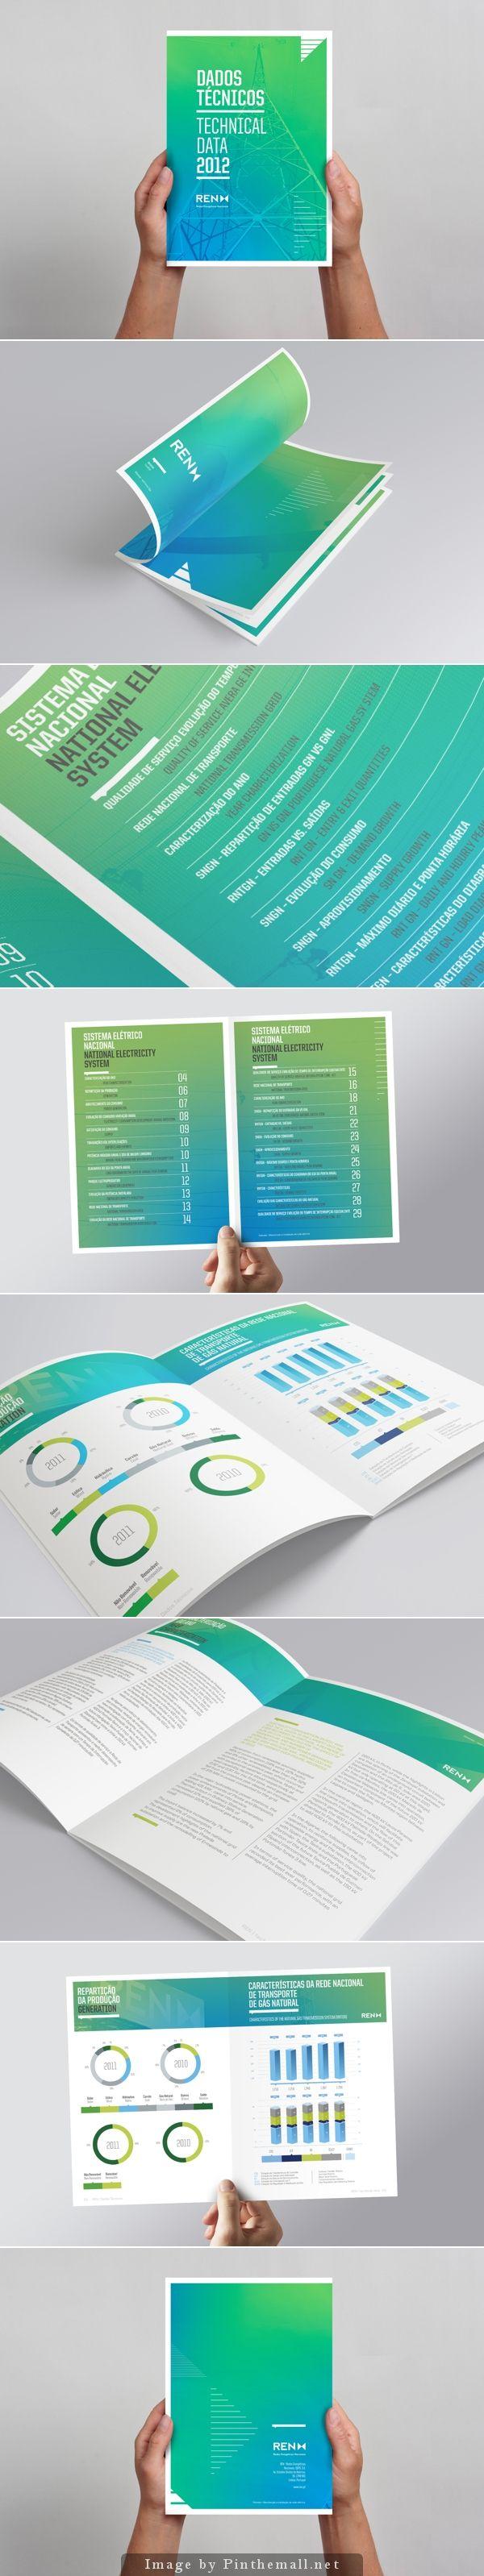 REN Technical Data 2012 by Julio Ferreira